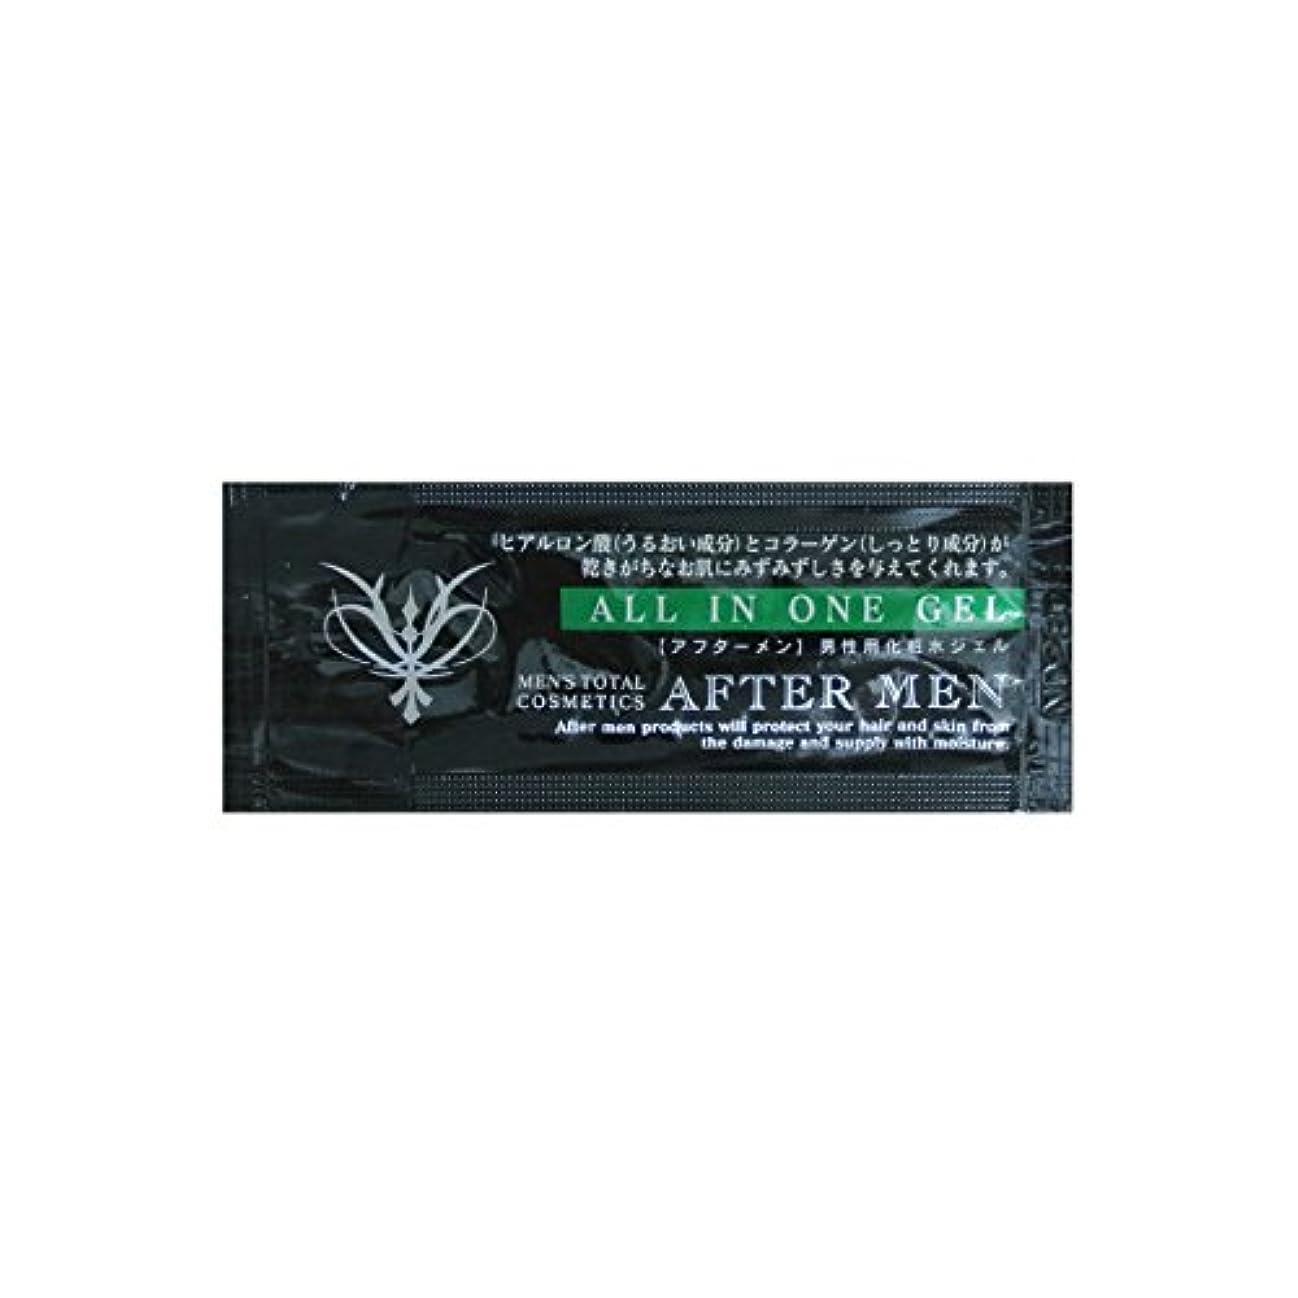 アフターメン オールインワンジェル化粧水 200包